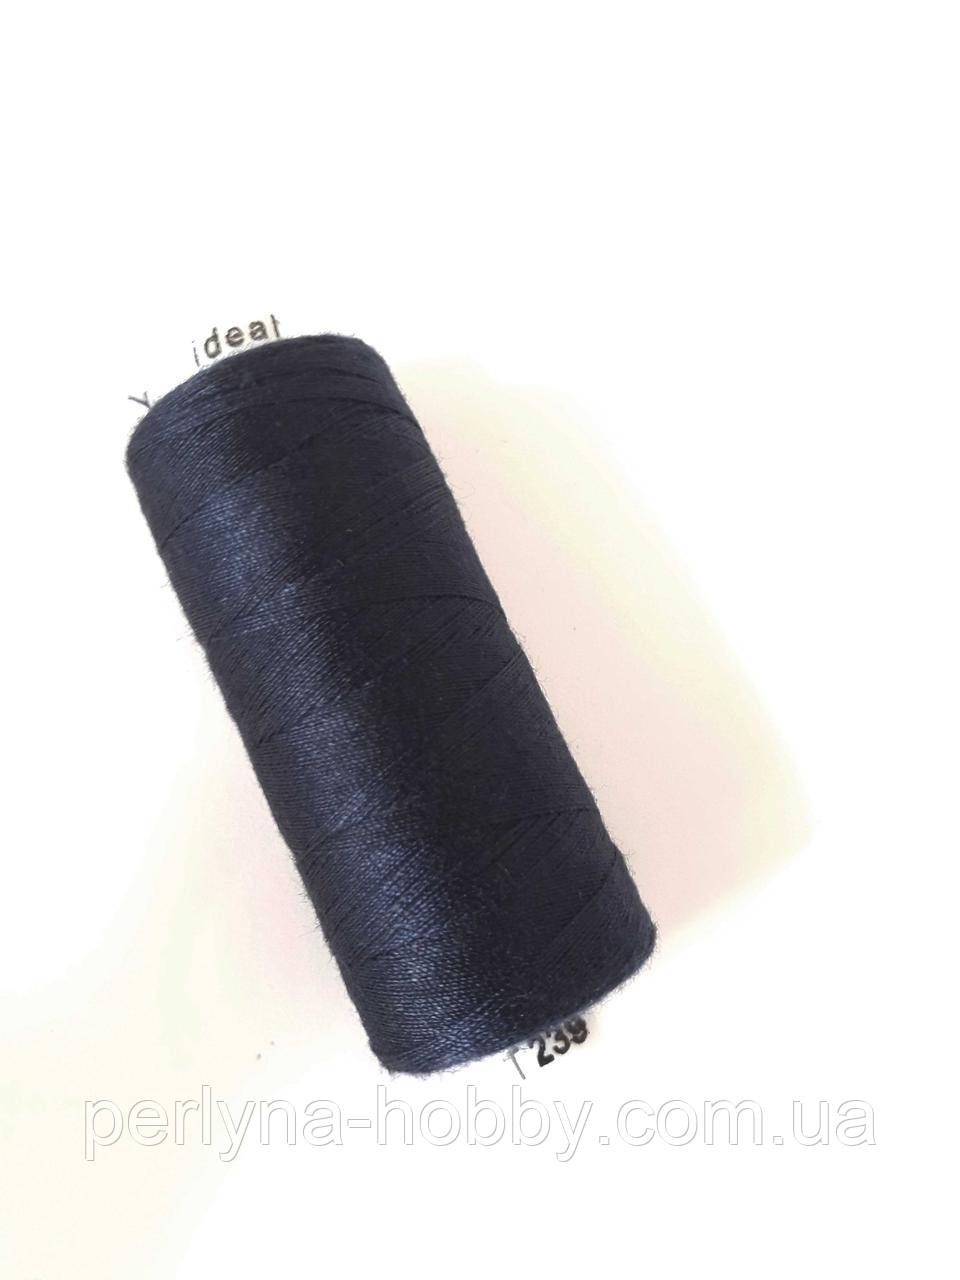 Нитка  для шиття, 400 ярдів (360 м)  поліестер 100%. синій темний